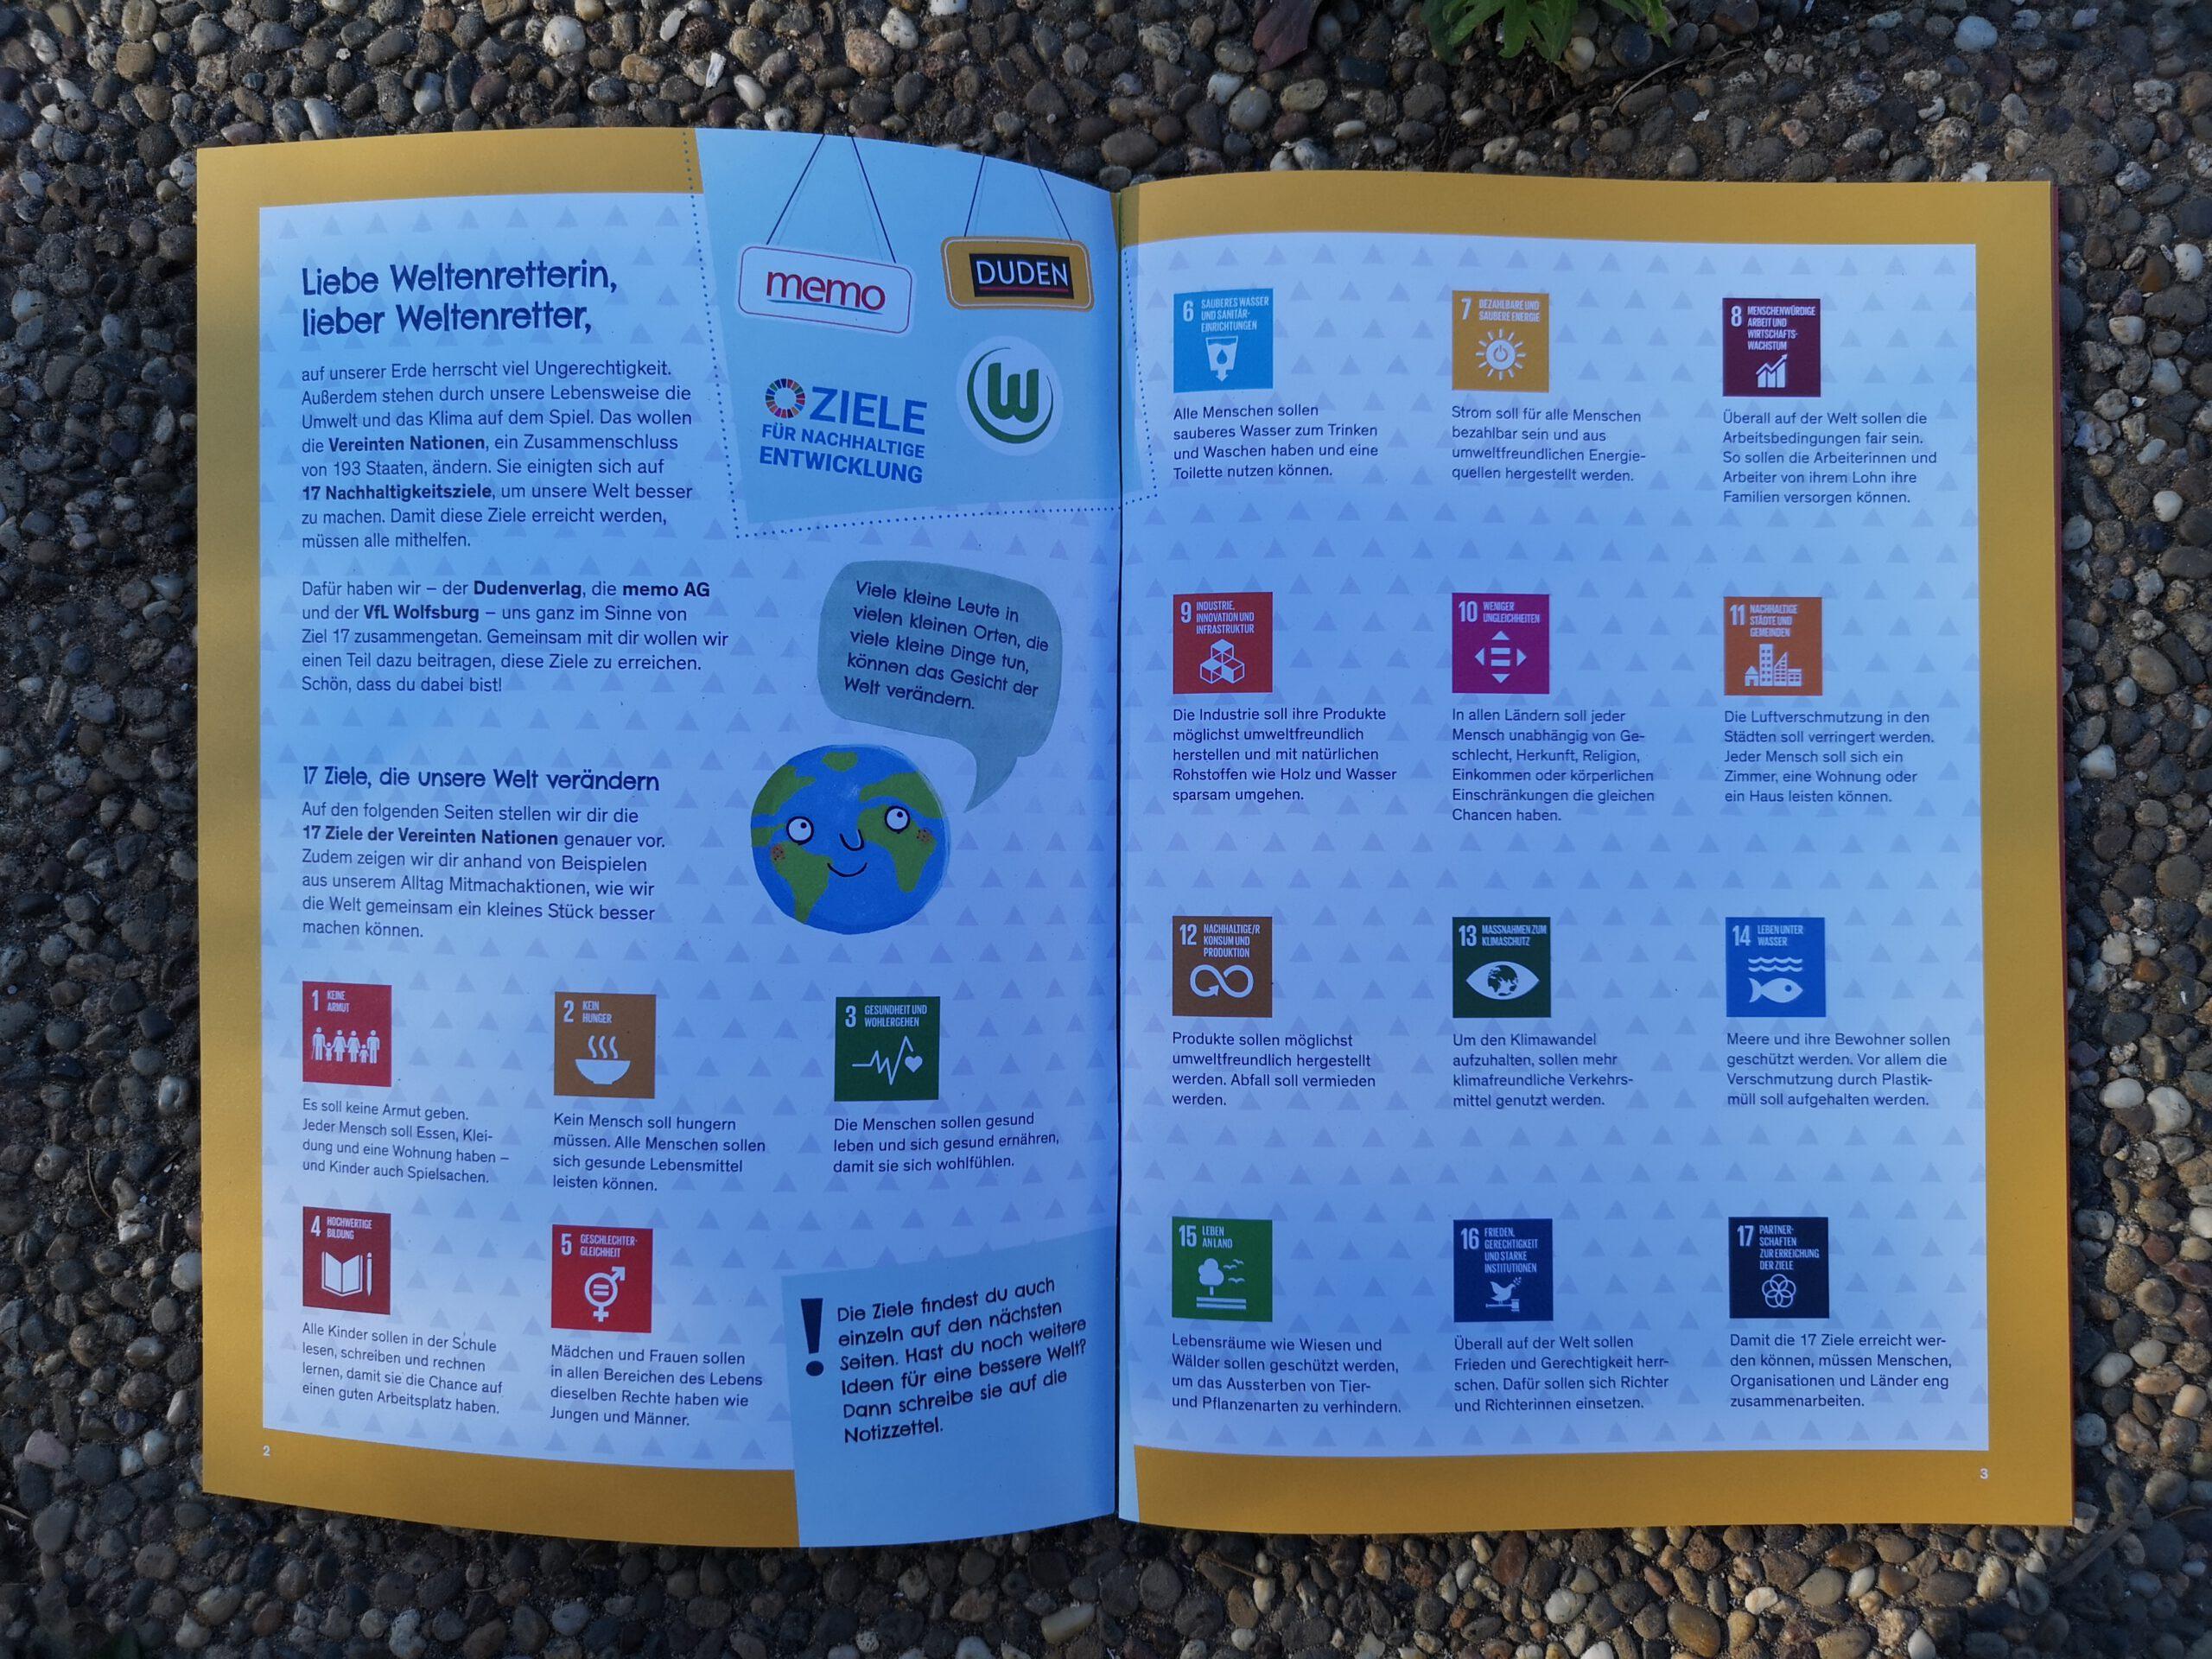 Bastel - und Beschäftigungsbücher: Nachhaltigkeitsziele